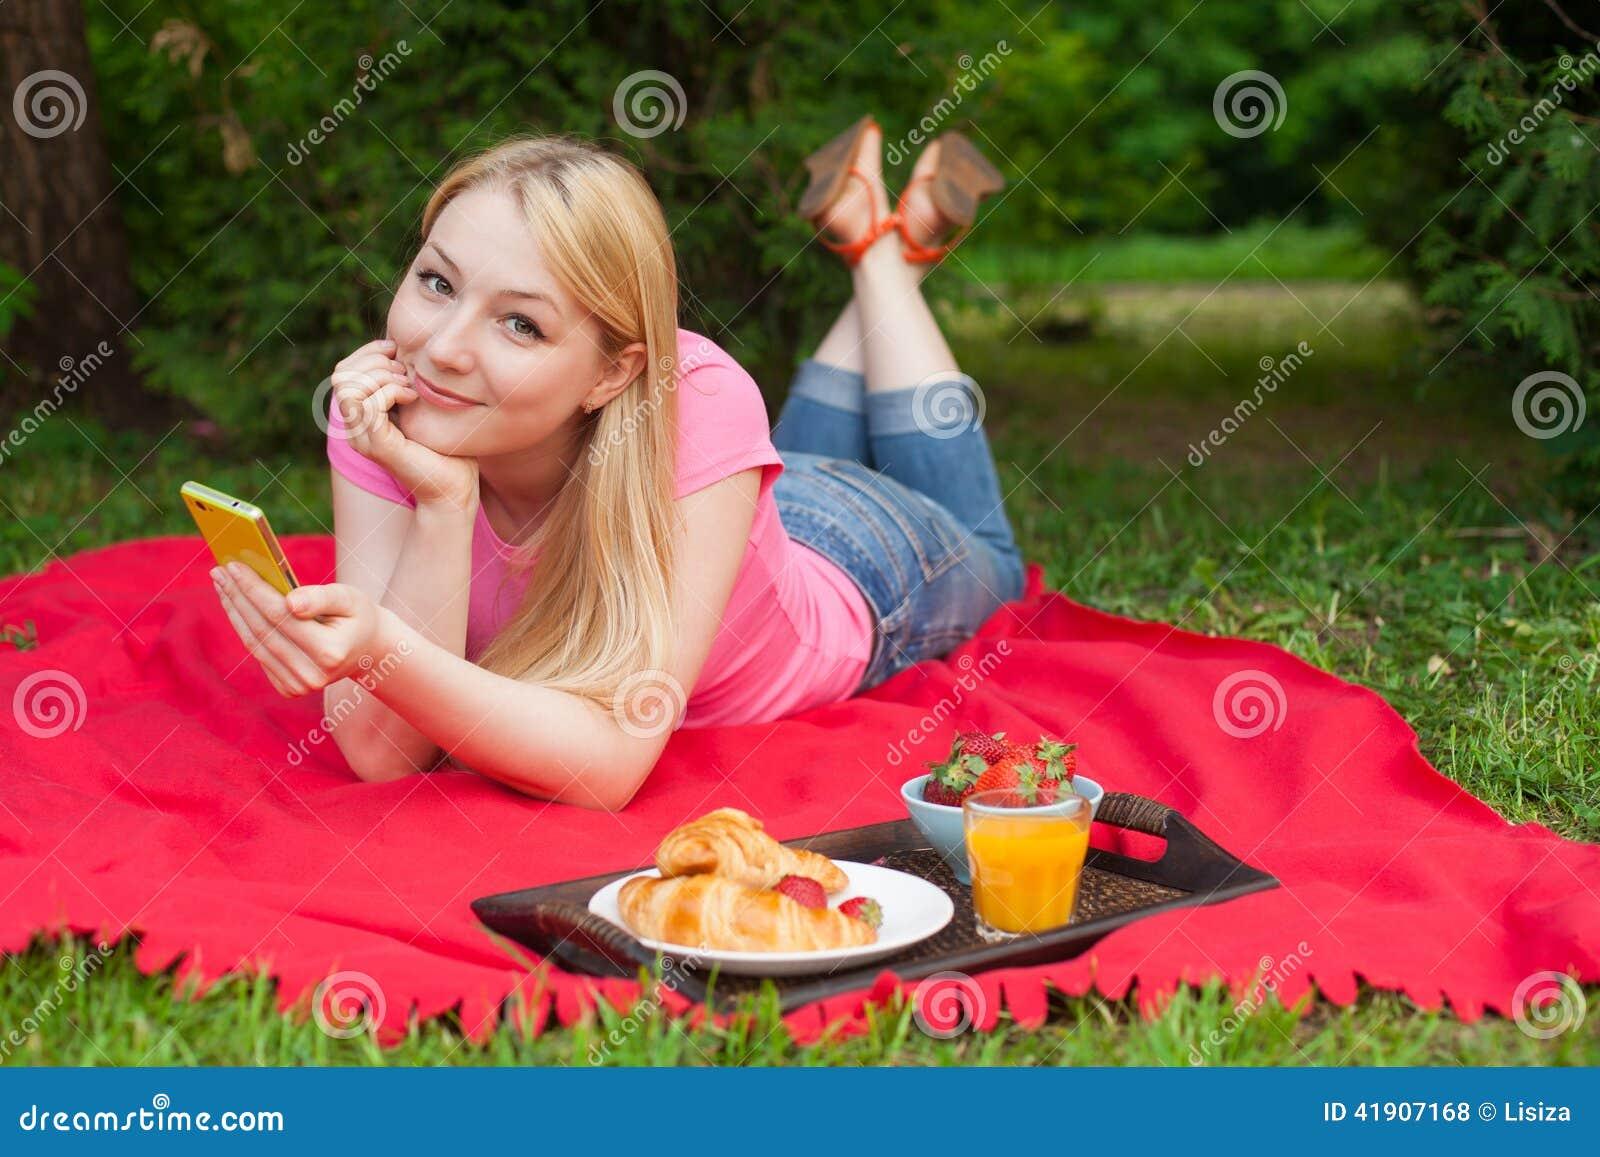 Muchacha al aire libre en el parque en comida campestre usando su teléfono celular